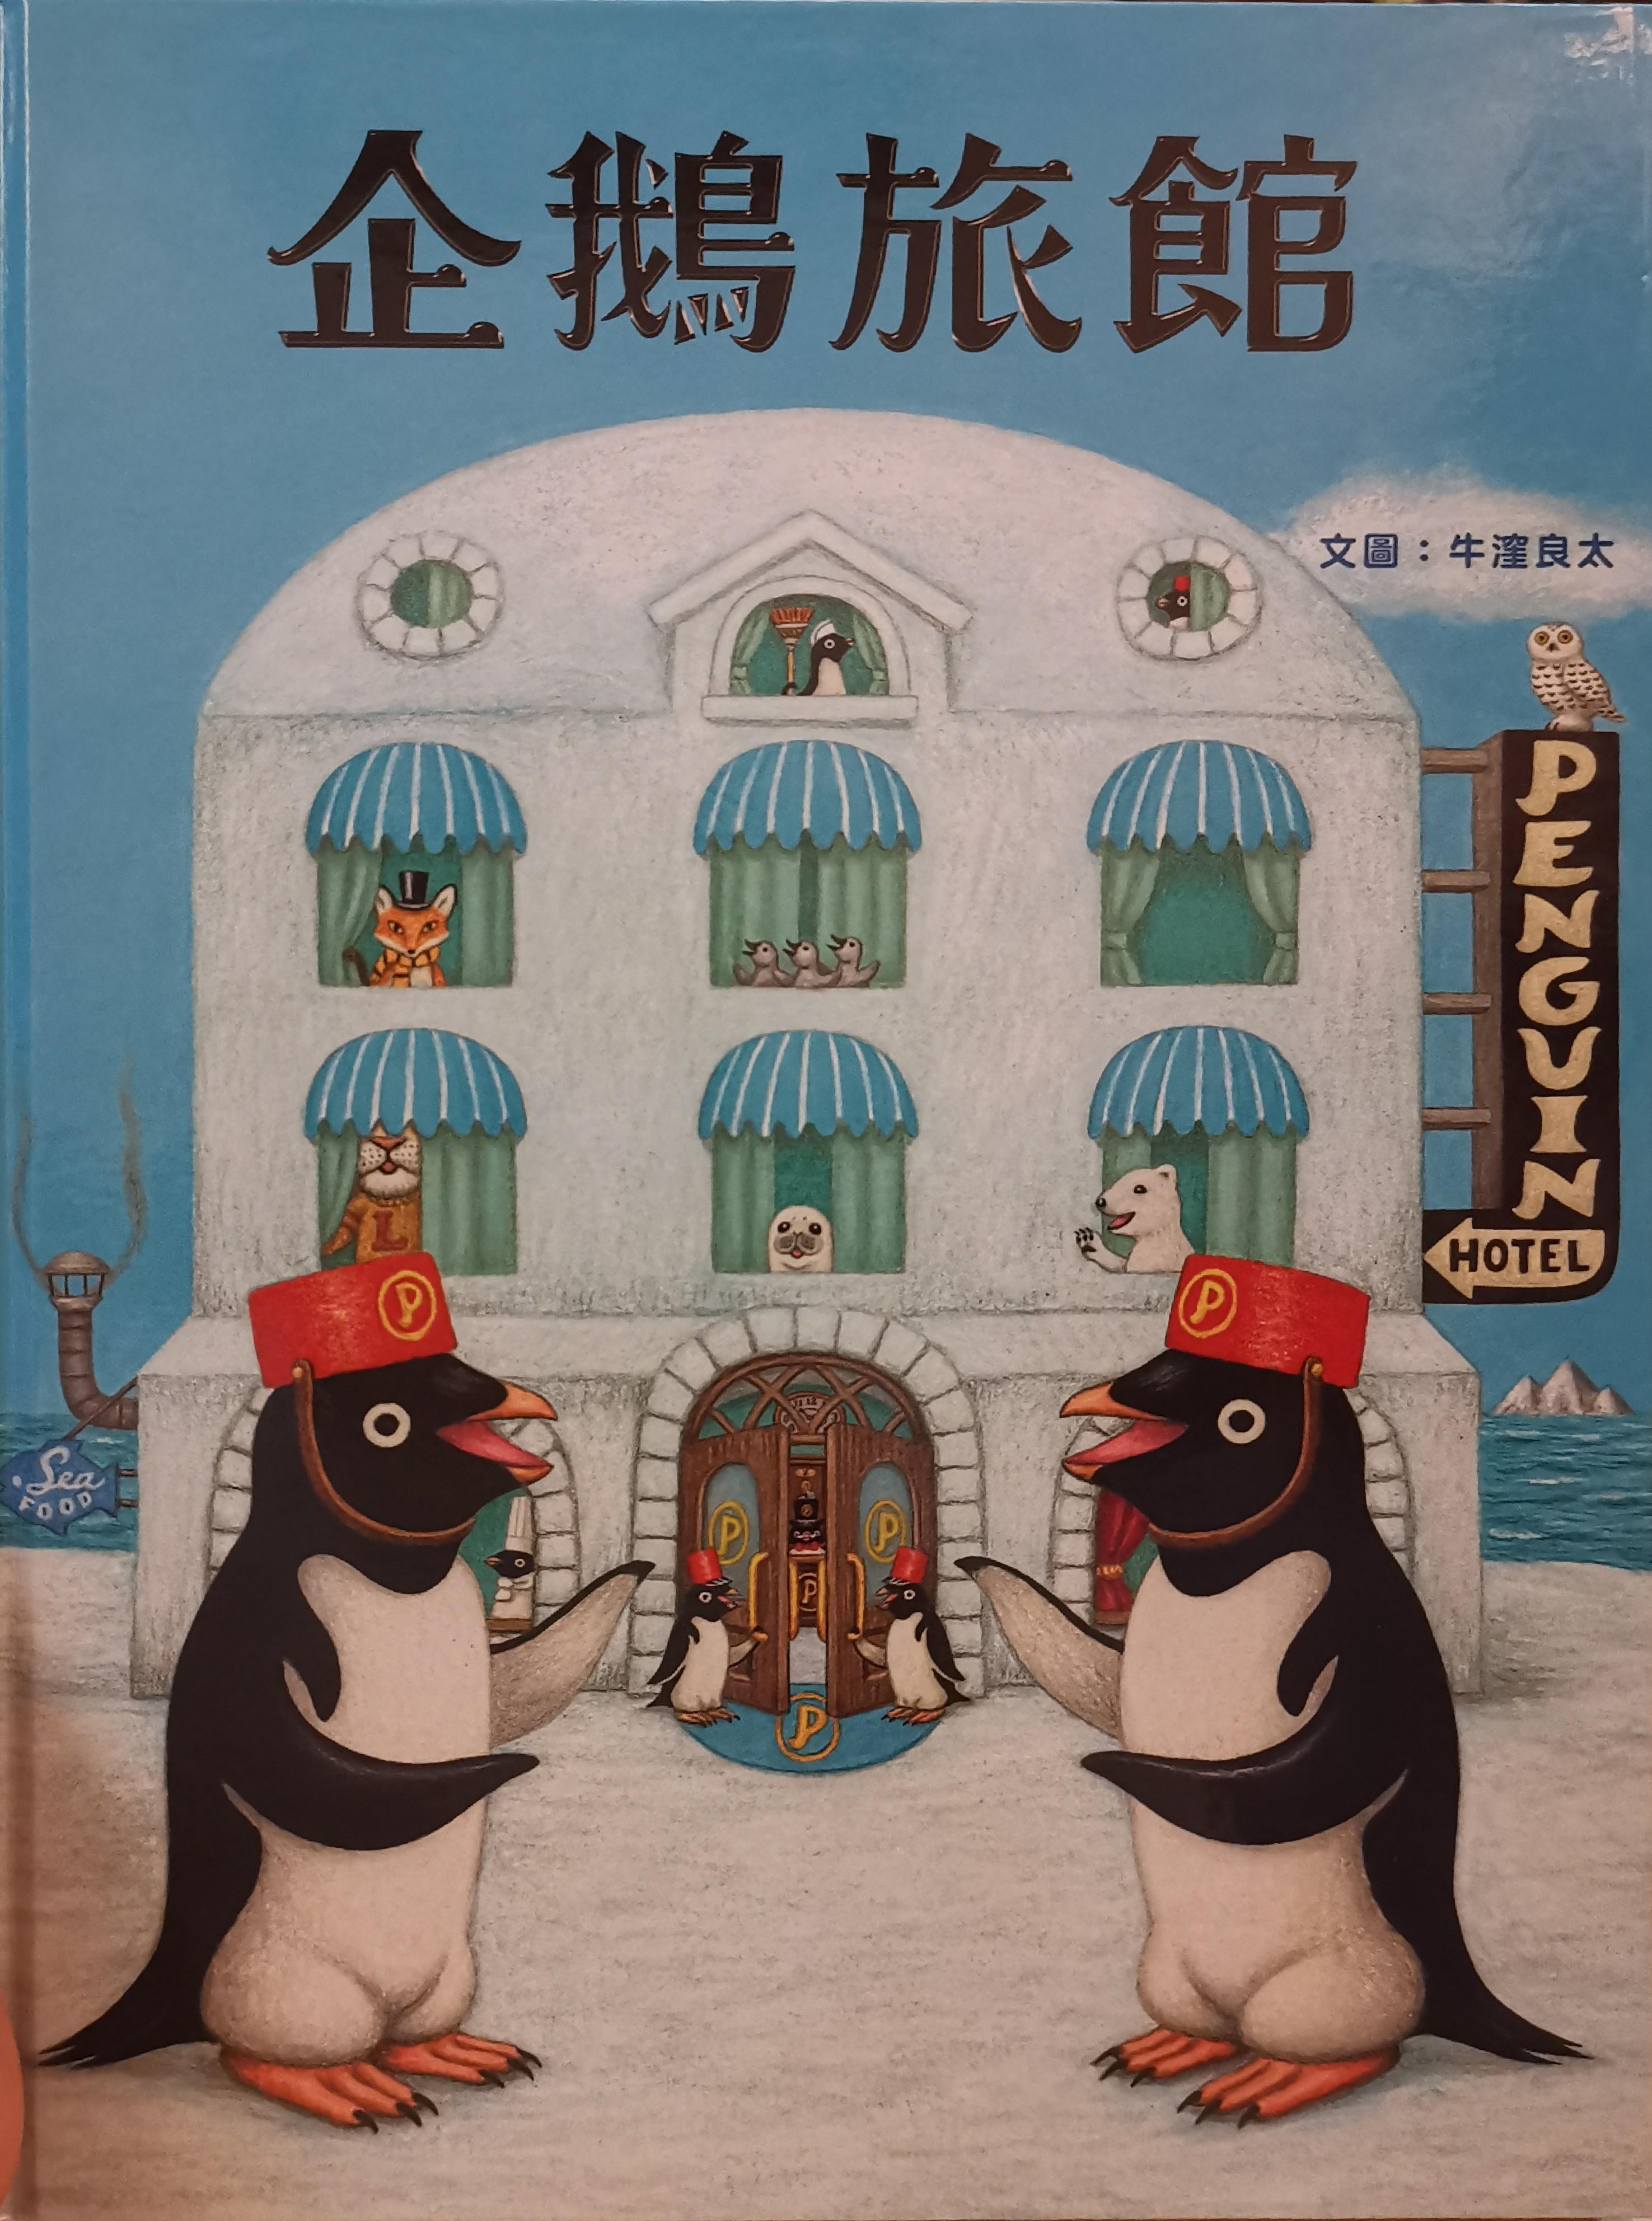 企鵝旅館/牛窪良太